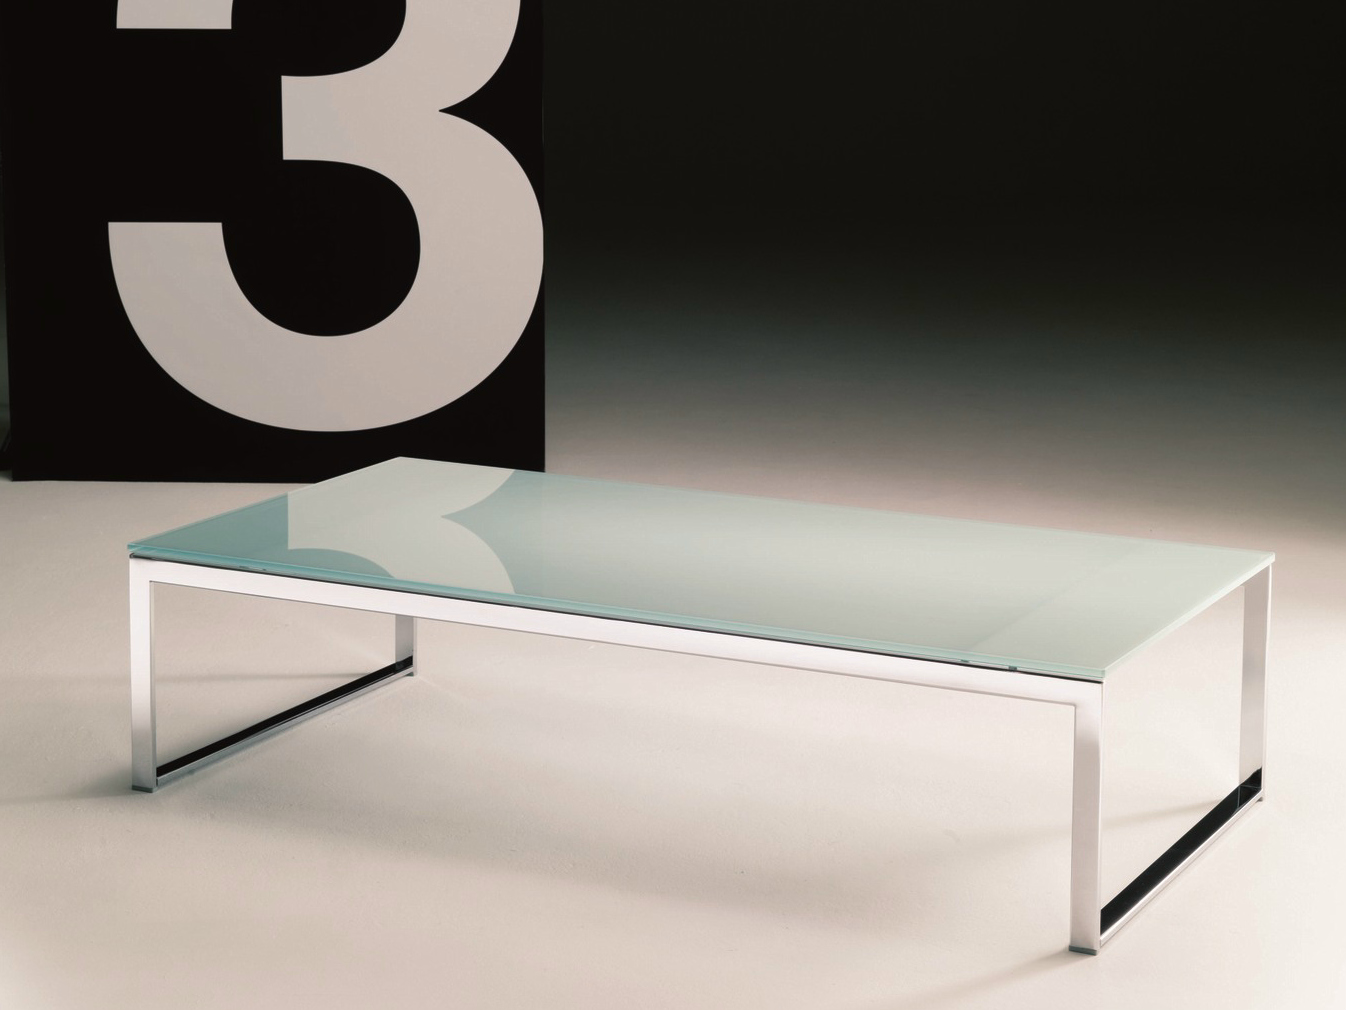 Hiphop tavolino rettangolare by bontempi casa design studio 28 for Tavolino da salotto in cristallo